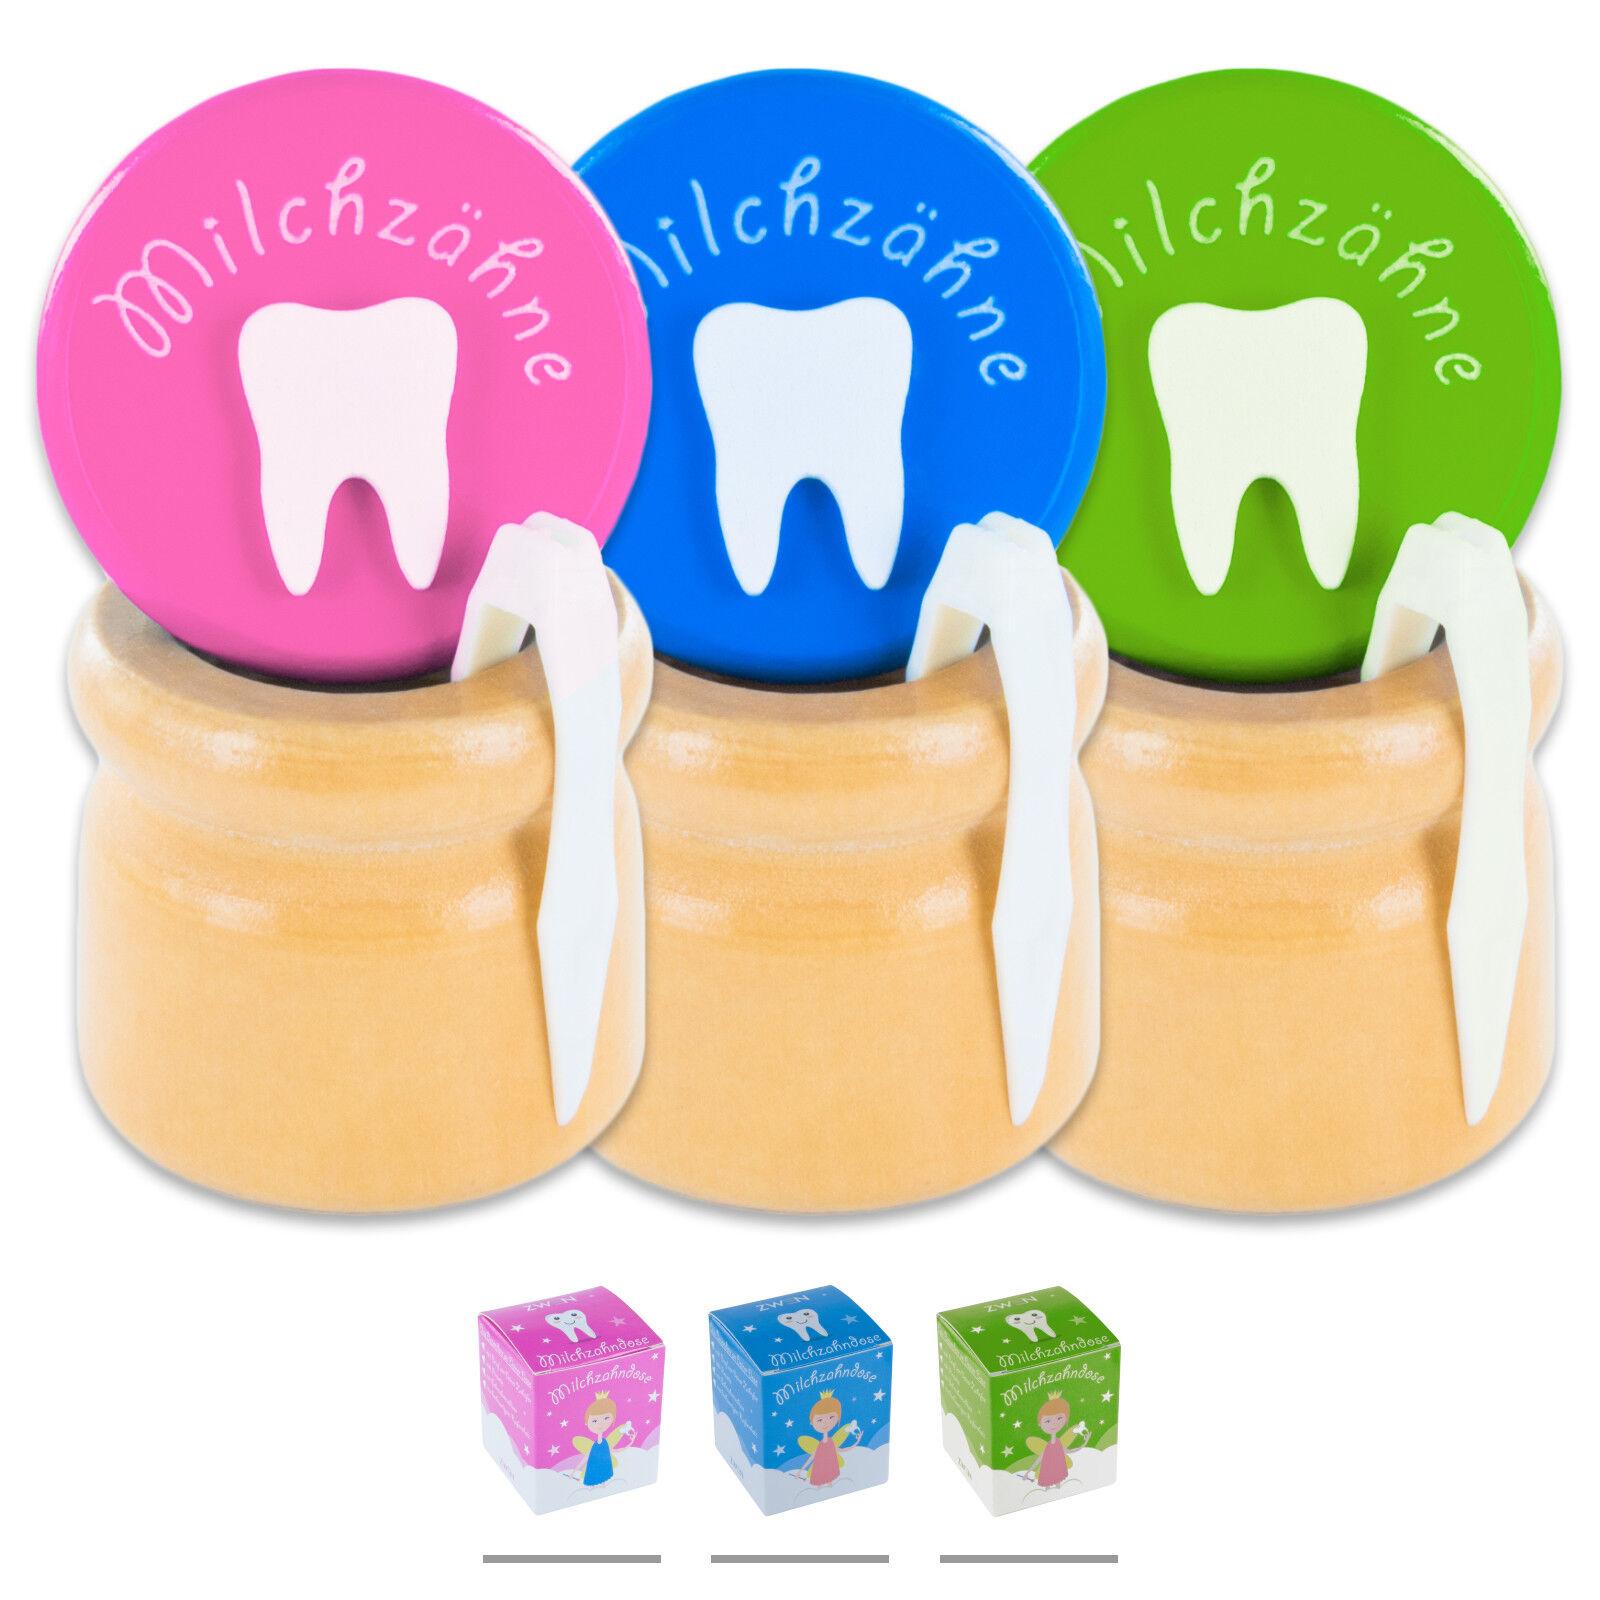 ZWEN Milchzahndose Milchzahnbox Zahndose für Kinder Jungen & Mädchen Milchzähne